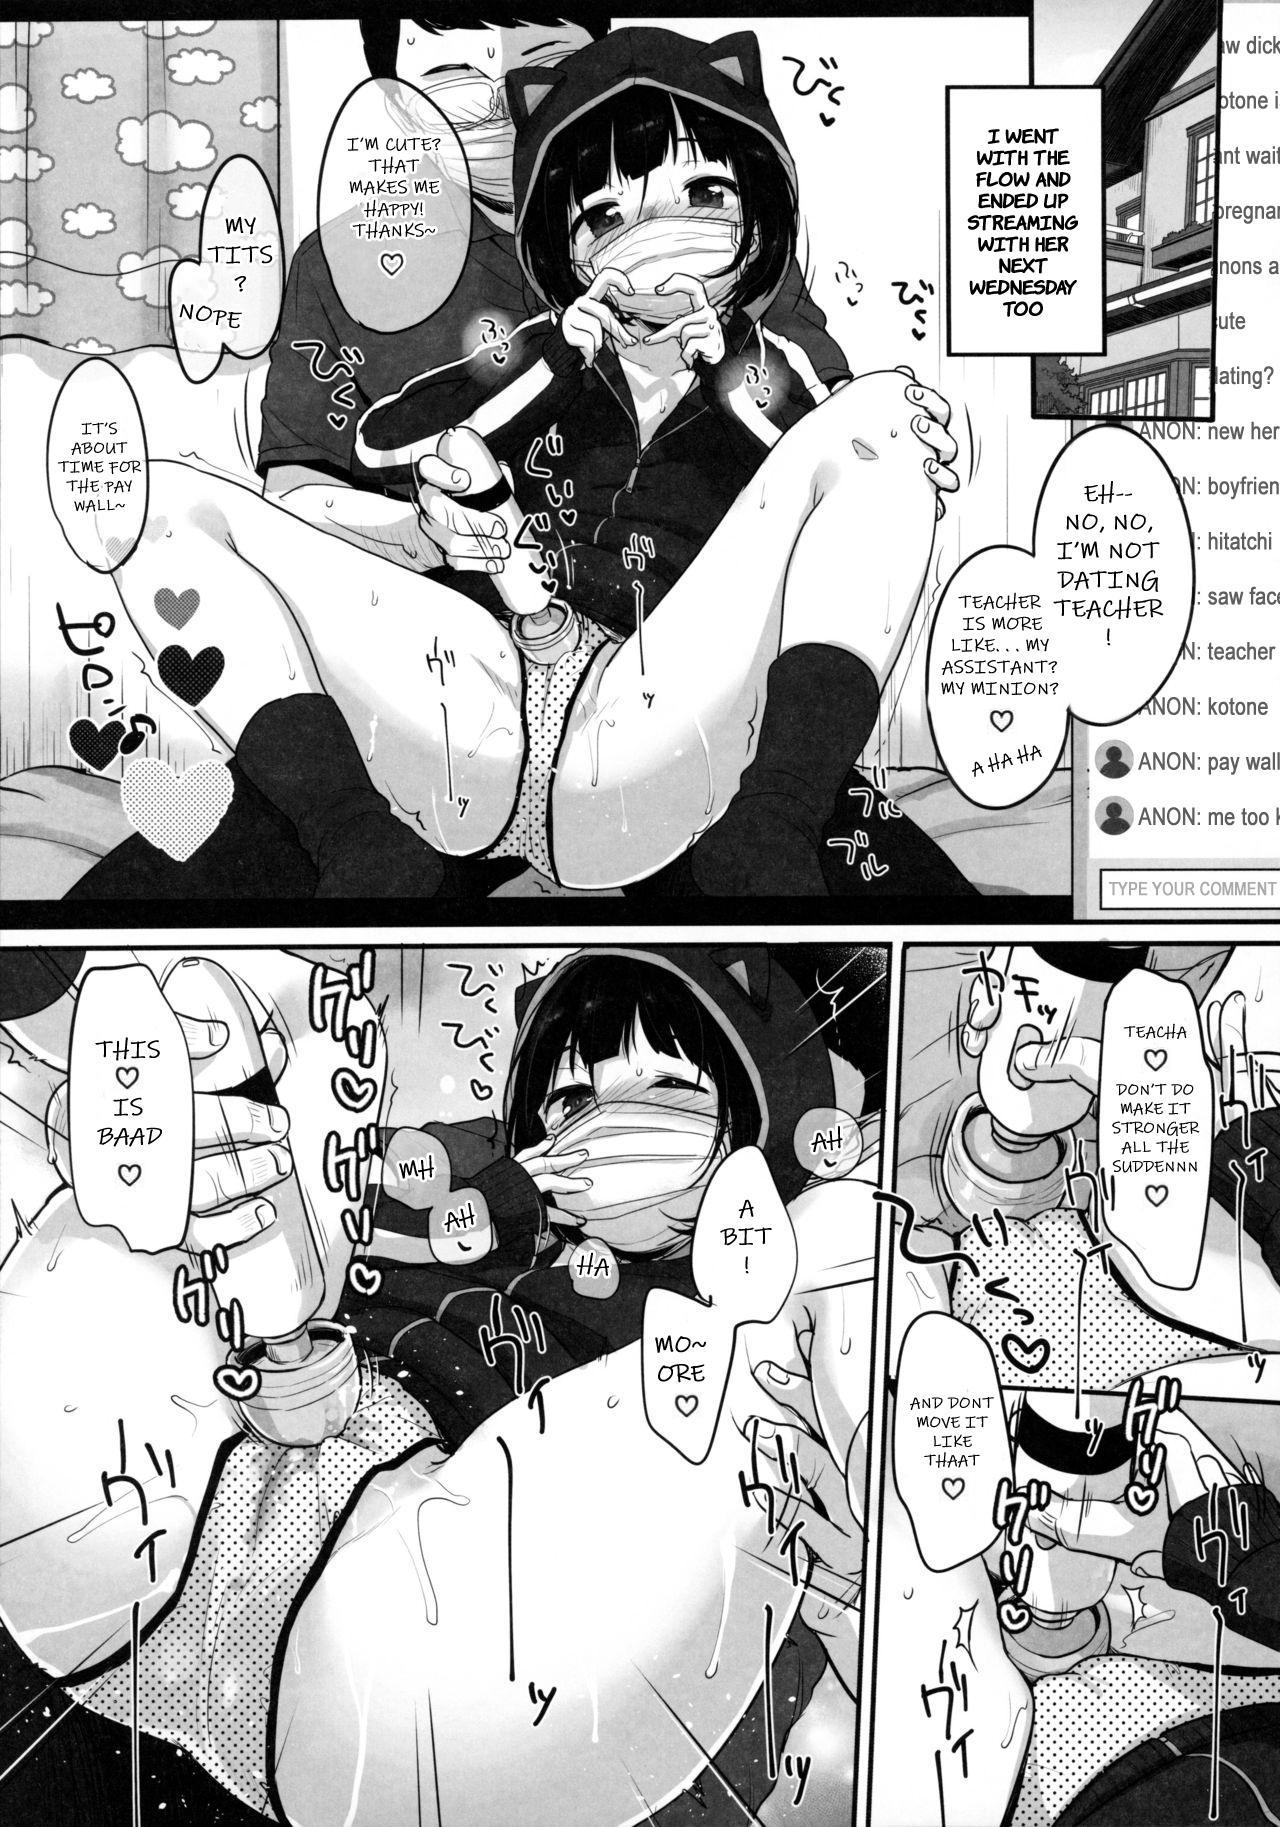 Suiyoubi no Ero Haishin | Wednesday's Erotic Stream 24